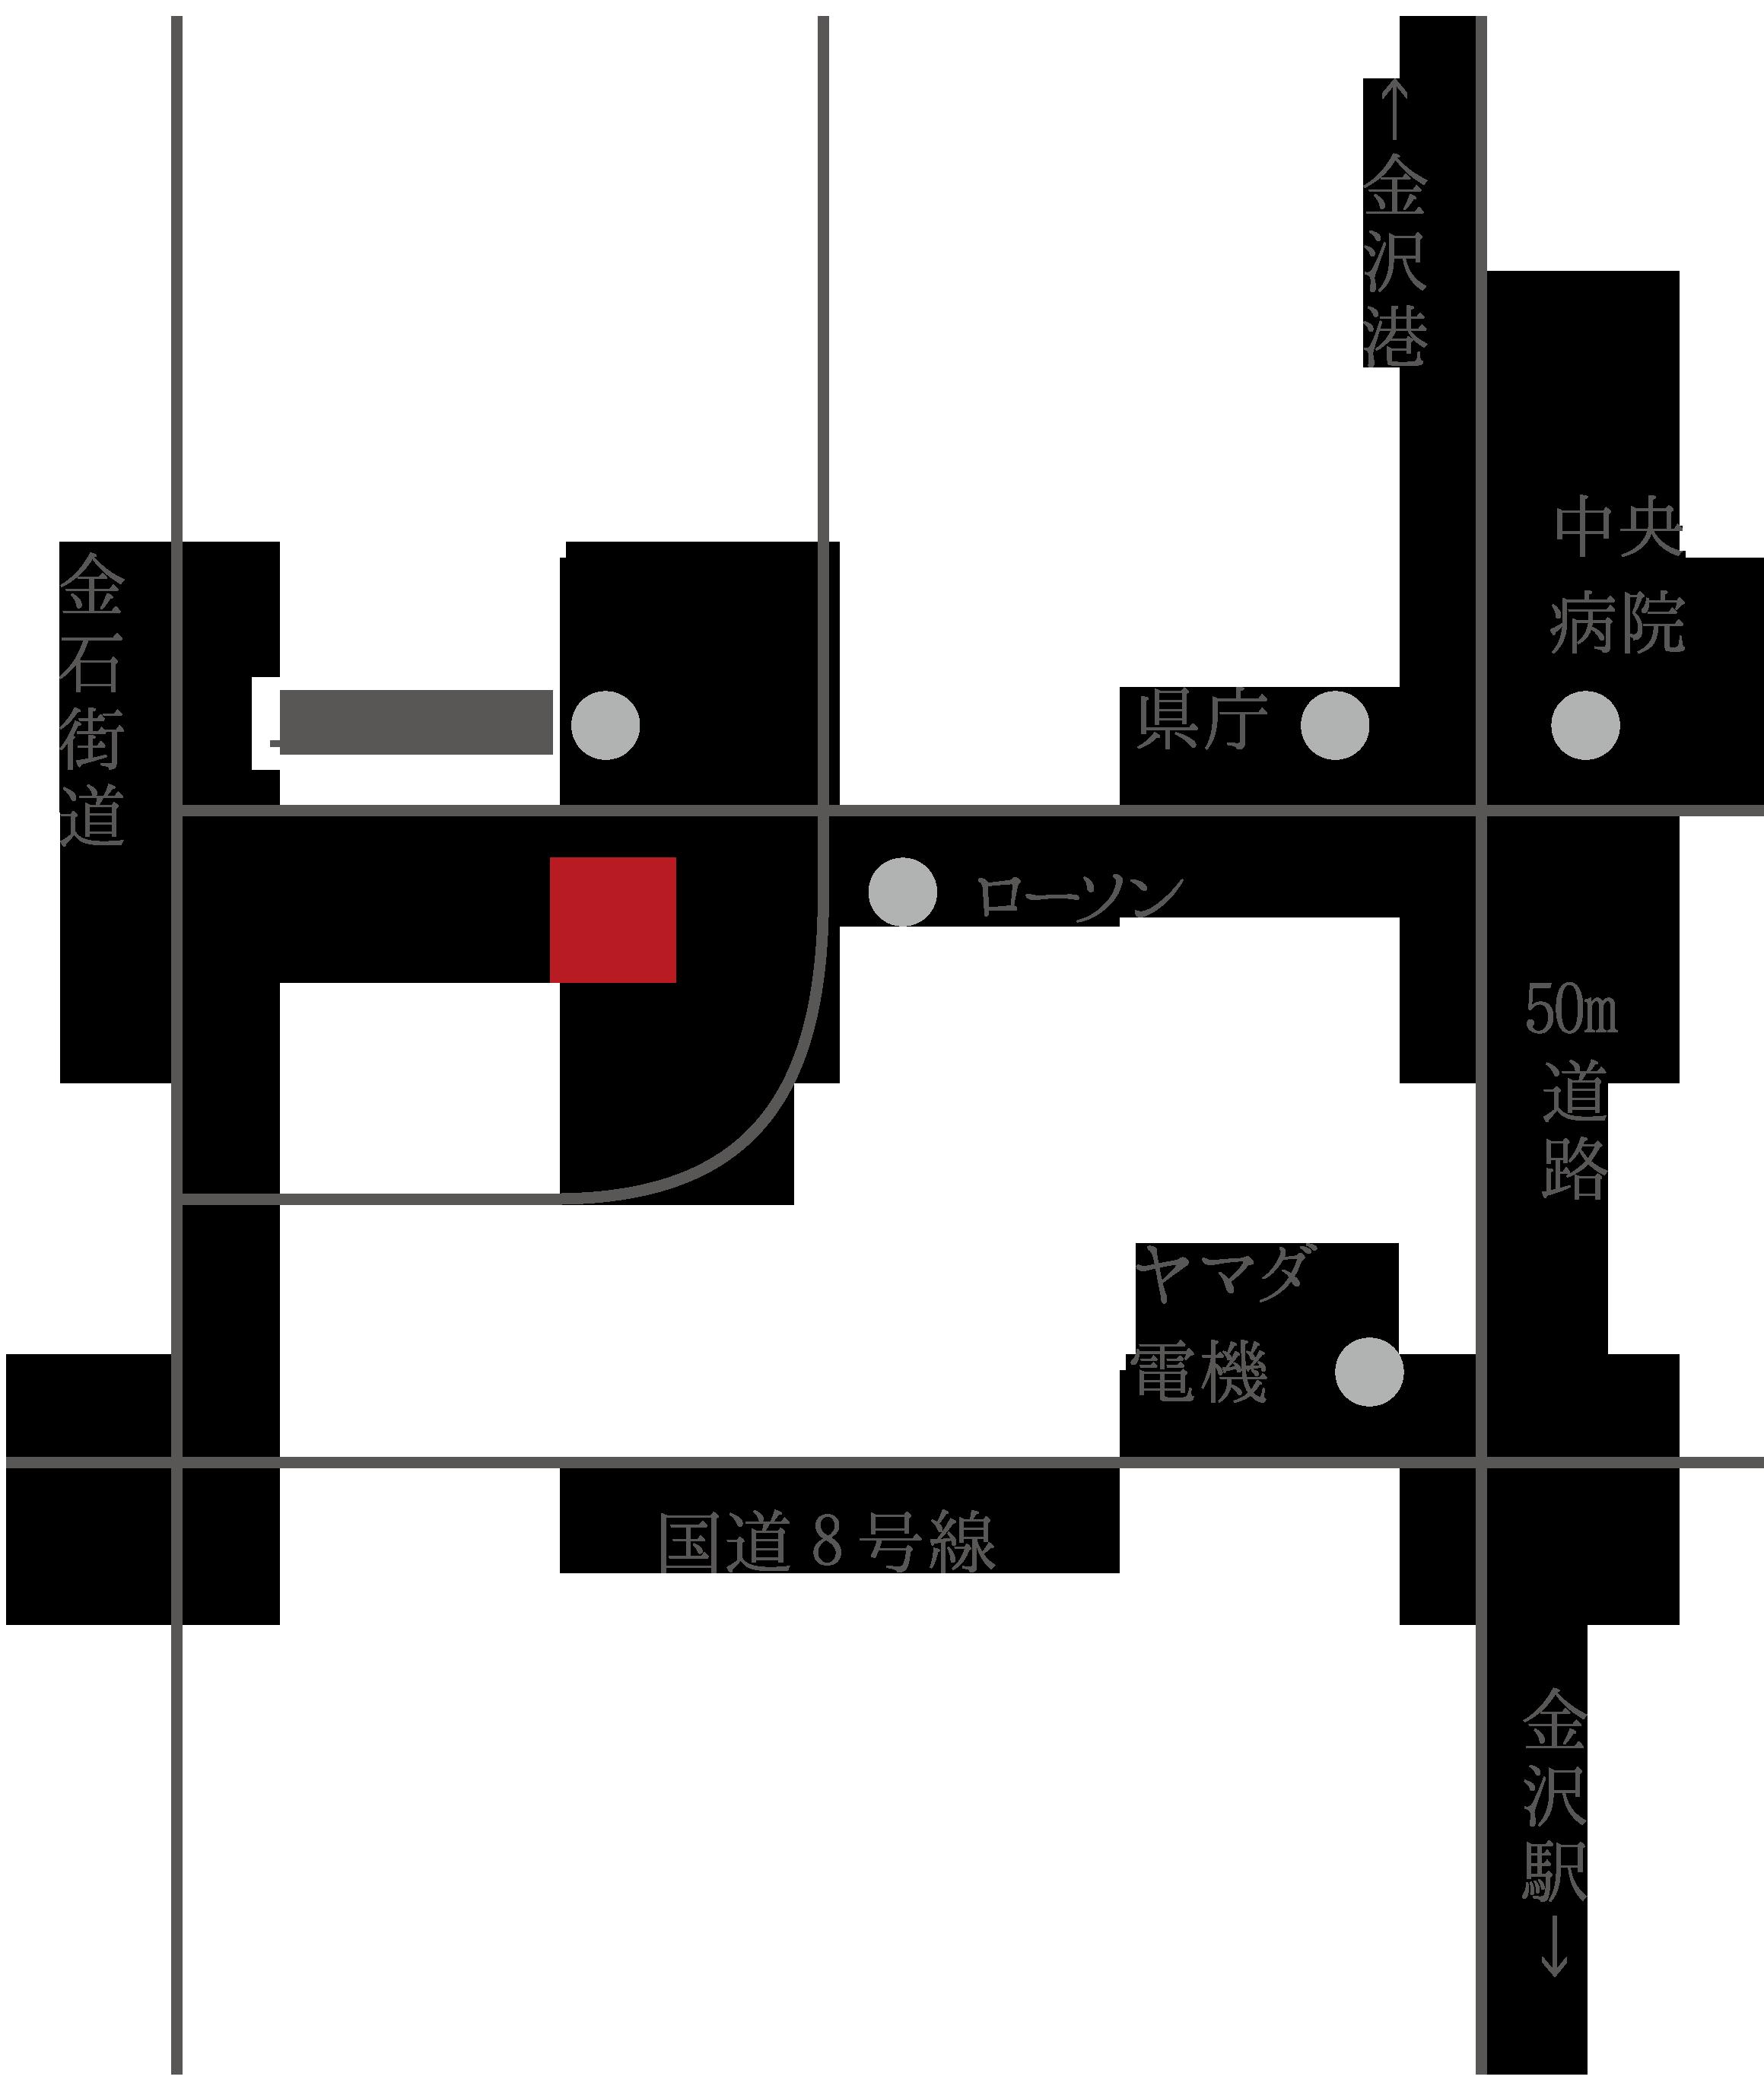 金澤本店の地図